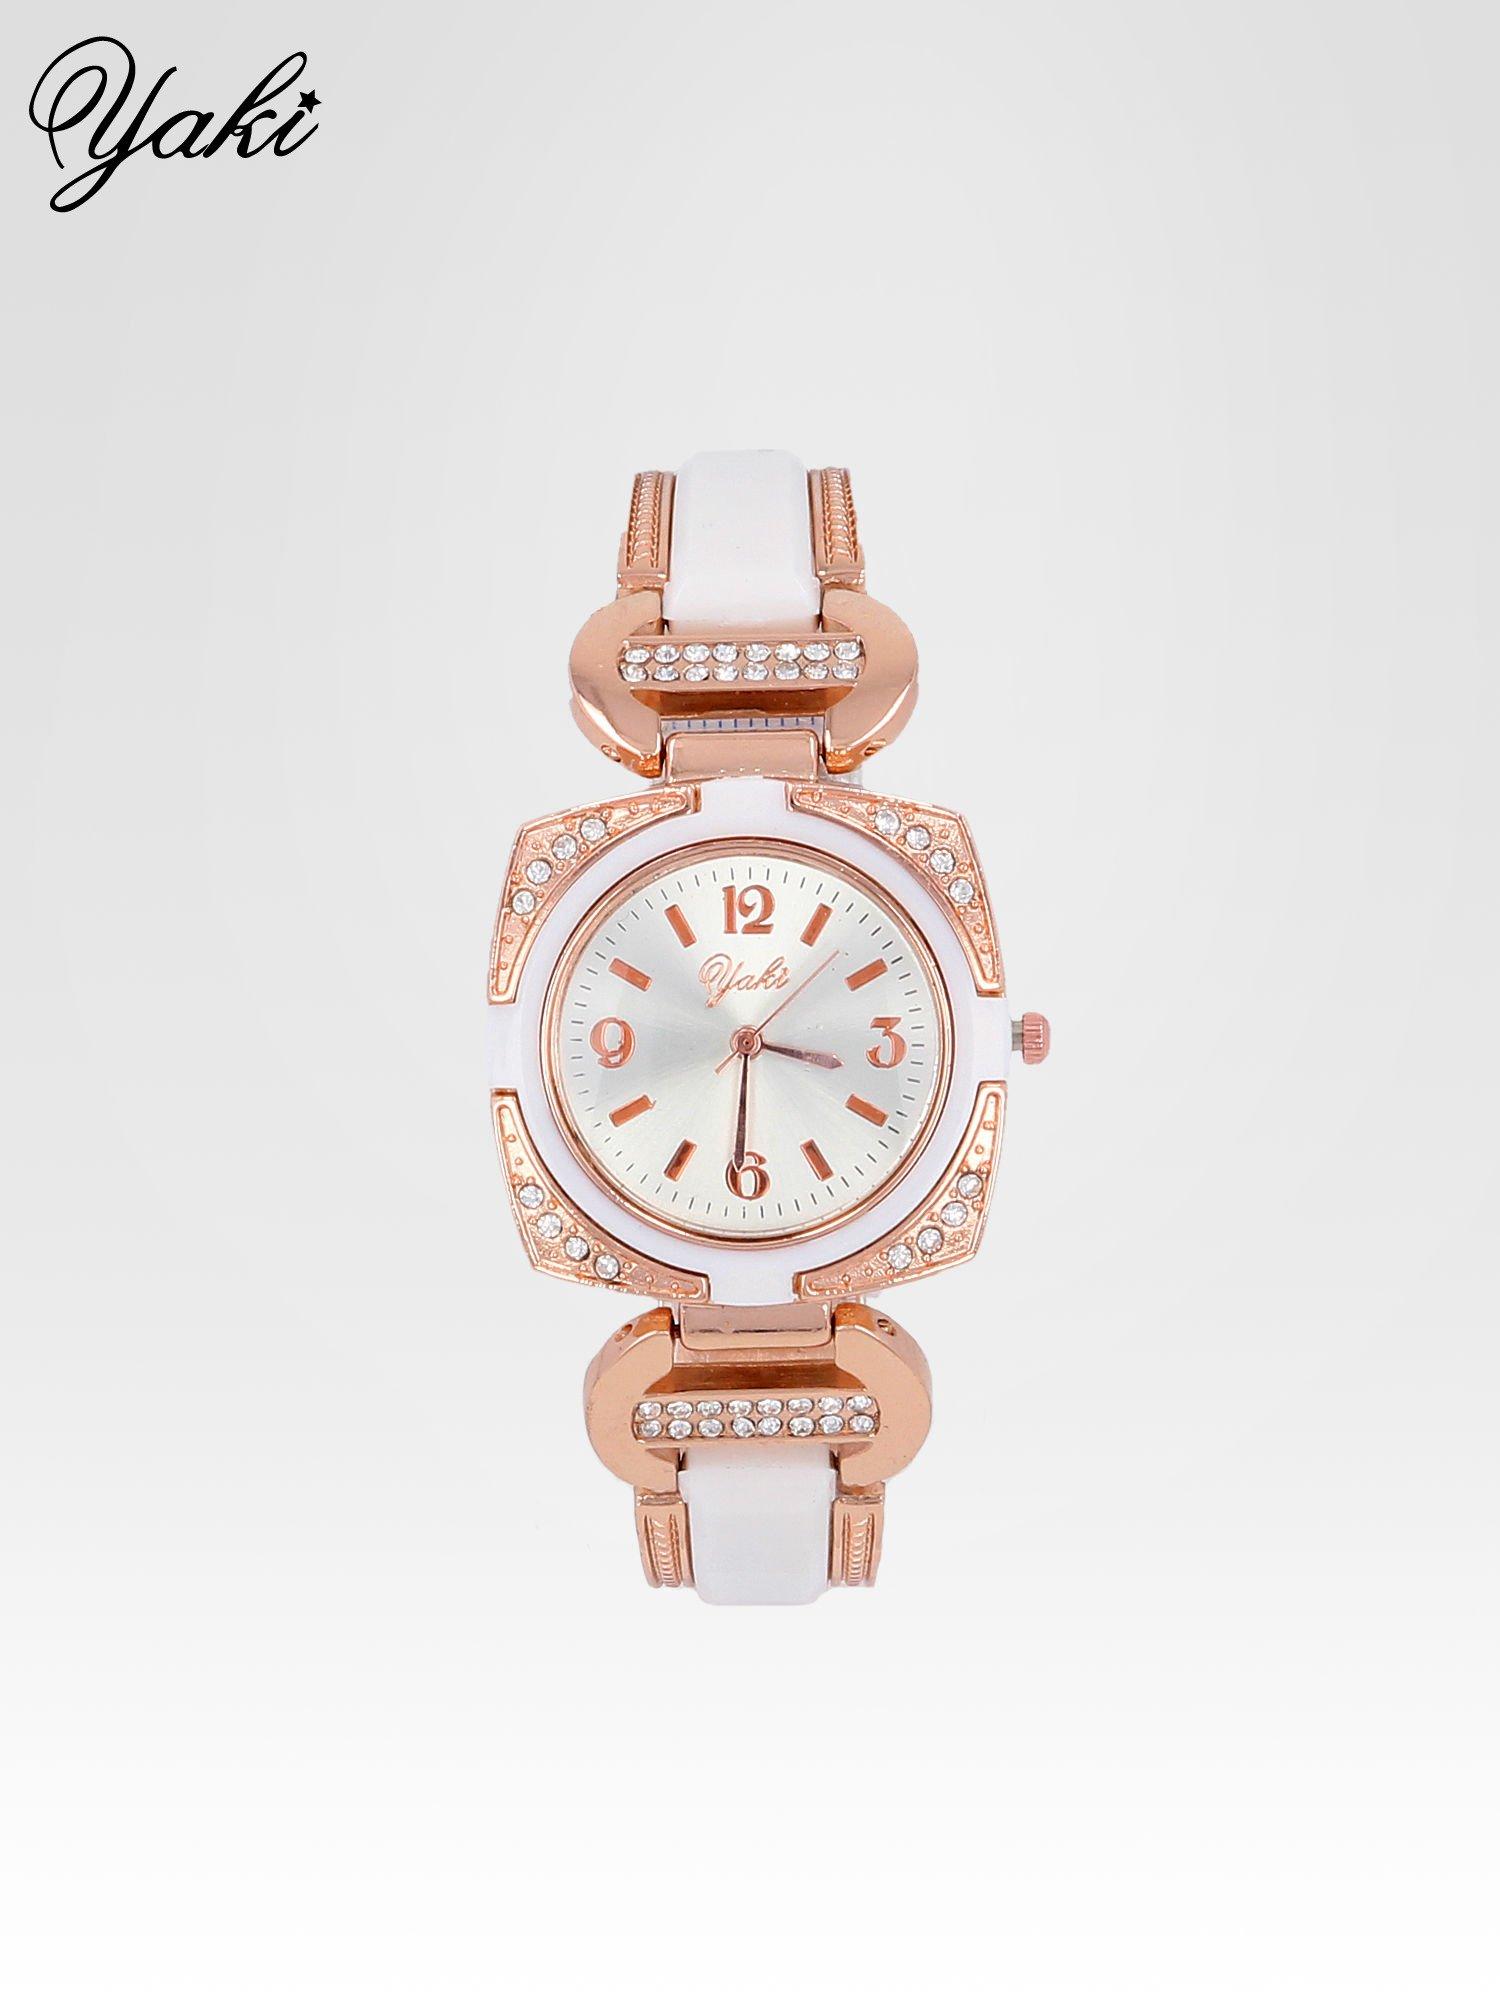 Biżuteryjny zegarek damski w kolorze różowego złota z łączonych materiałów                                  zdj.                                  1